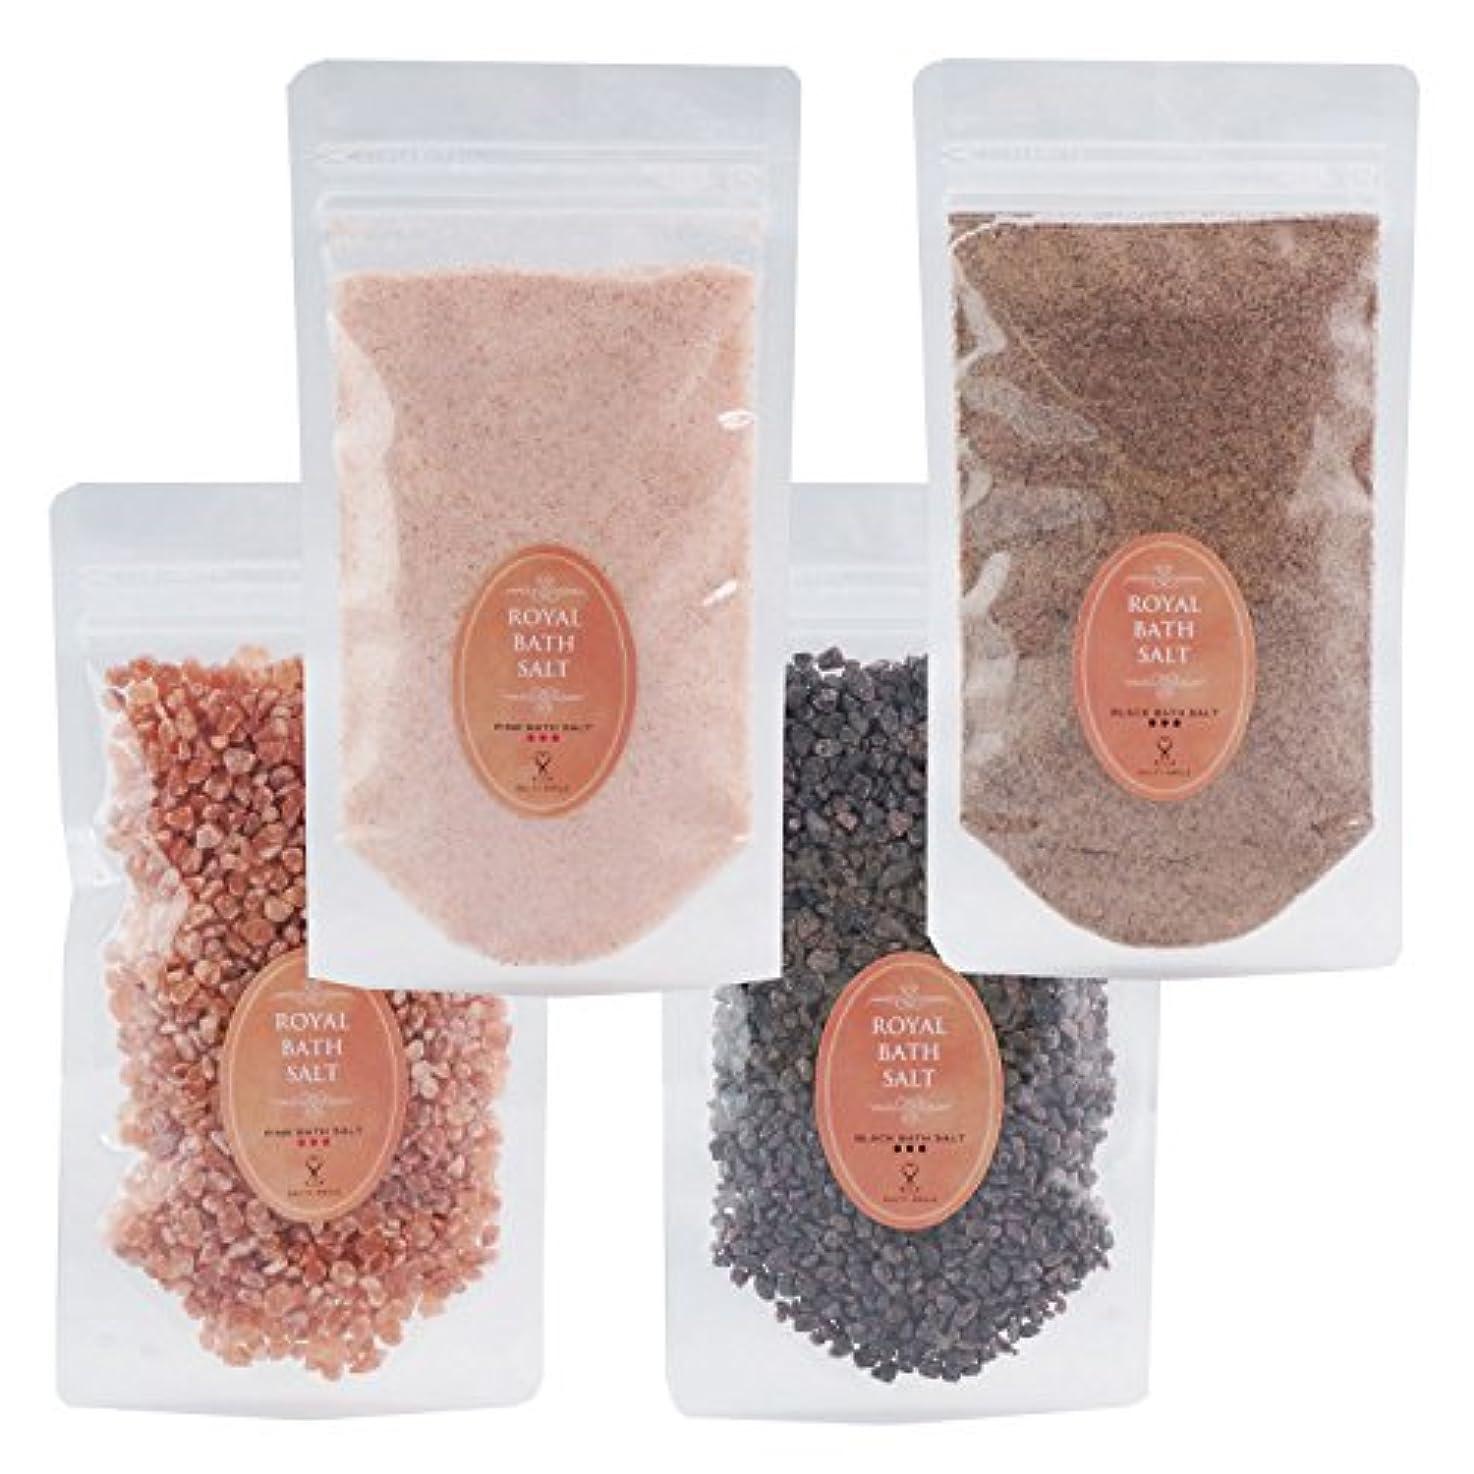 止まる以内に削減ロイヤル バスソルト ヒマラヤ岩塩 ピンク ブラック パウダー グレイン 各200g 細粒 粗粒 ROYAL BATH SALT